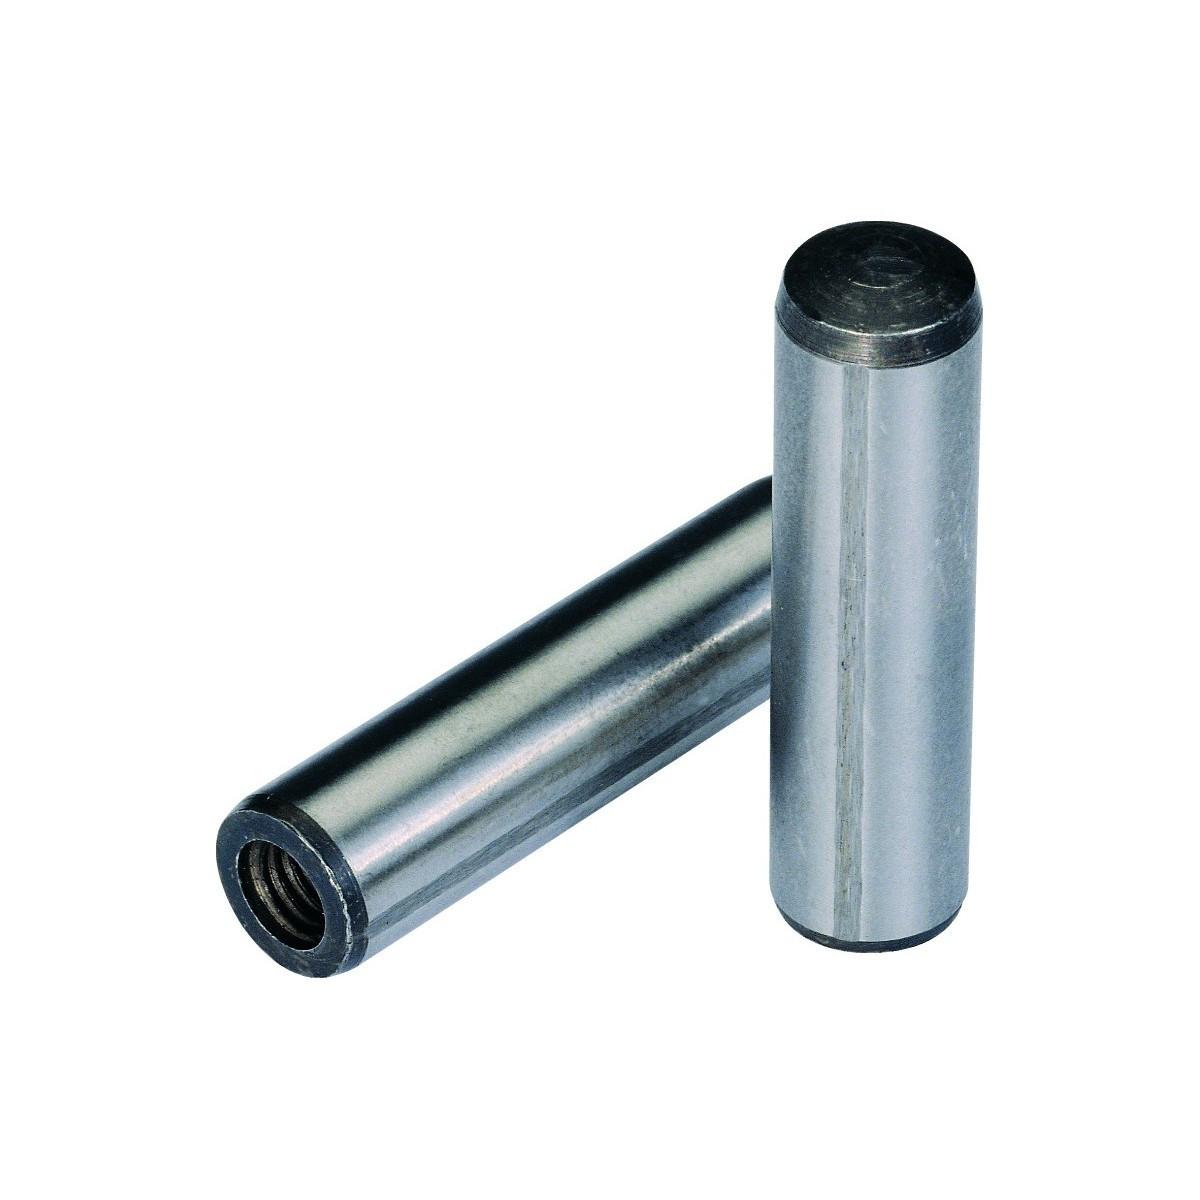 Штифт циліндричний MMG DIN 7979D M16 х 40 Клас 10.9 (Фосфат) 1 шт